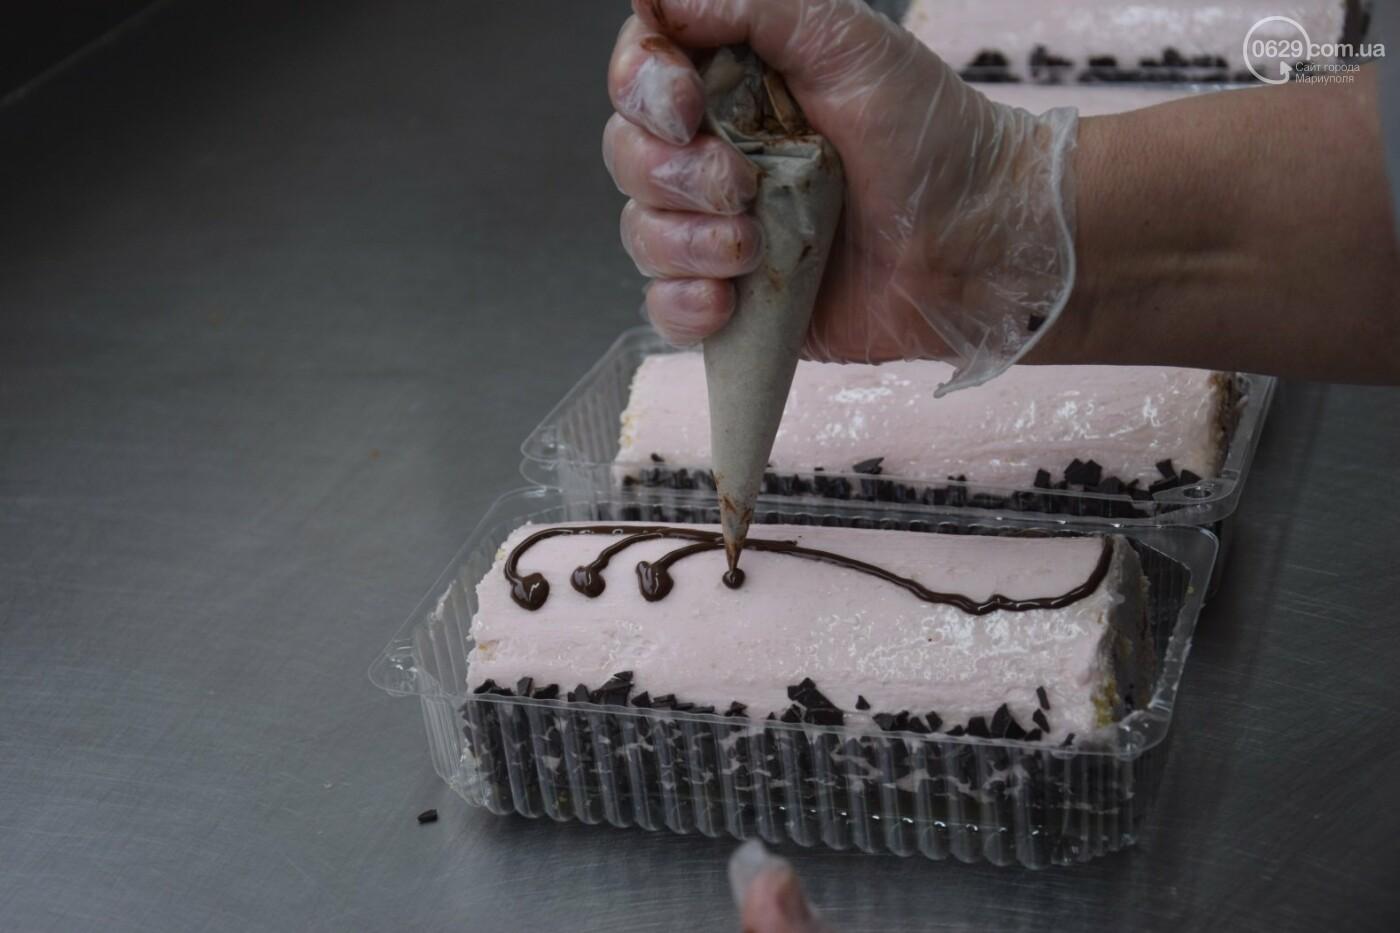 «Как это сделано»:  репортаж из кондитерского цеха в Мариуполе, - ФОТО, фото-22